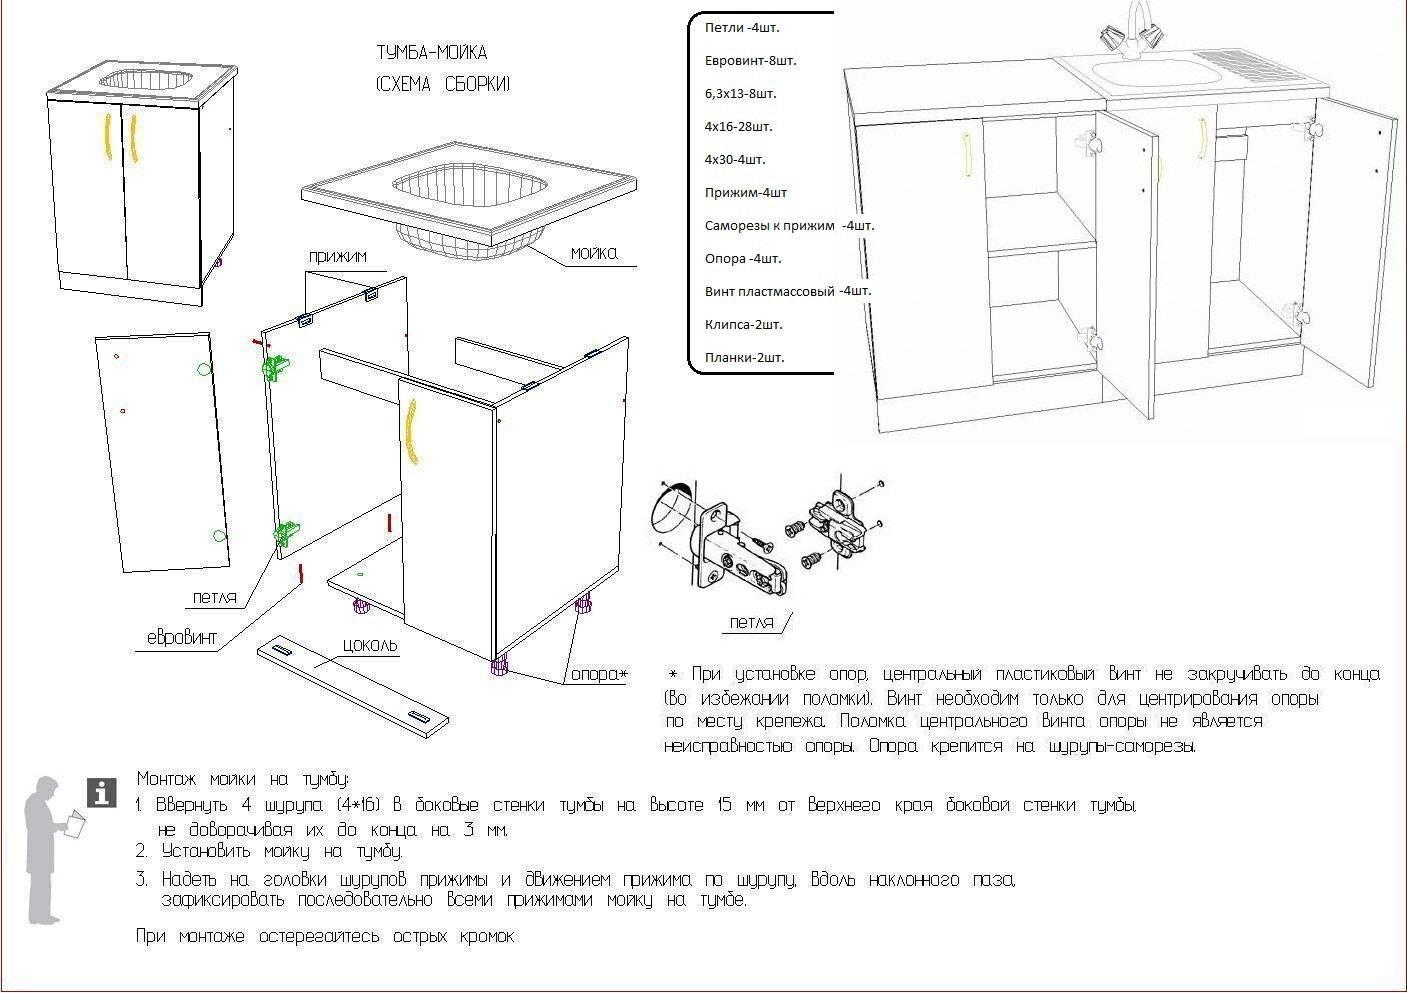 Сборка кухонной мебели, этапы работы и необходимые инструменты